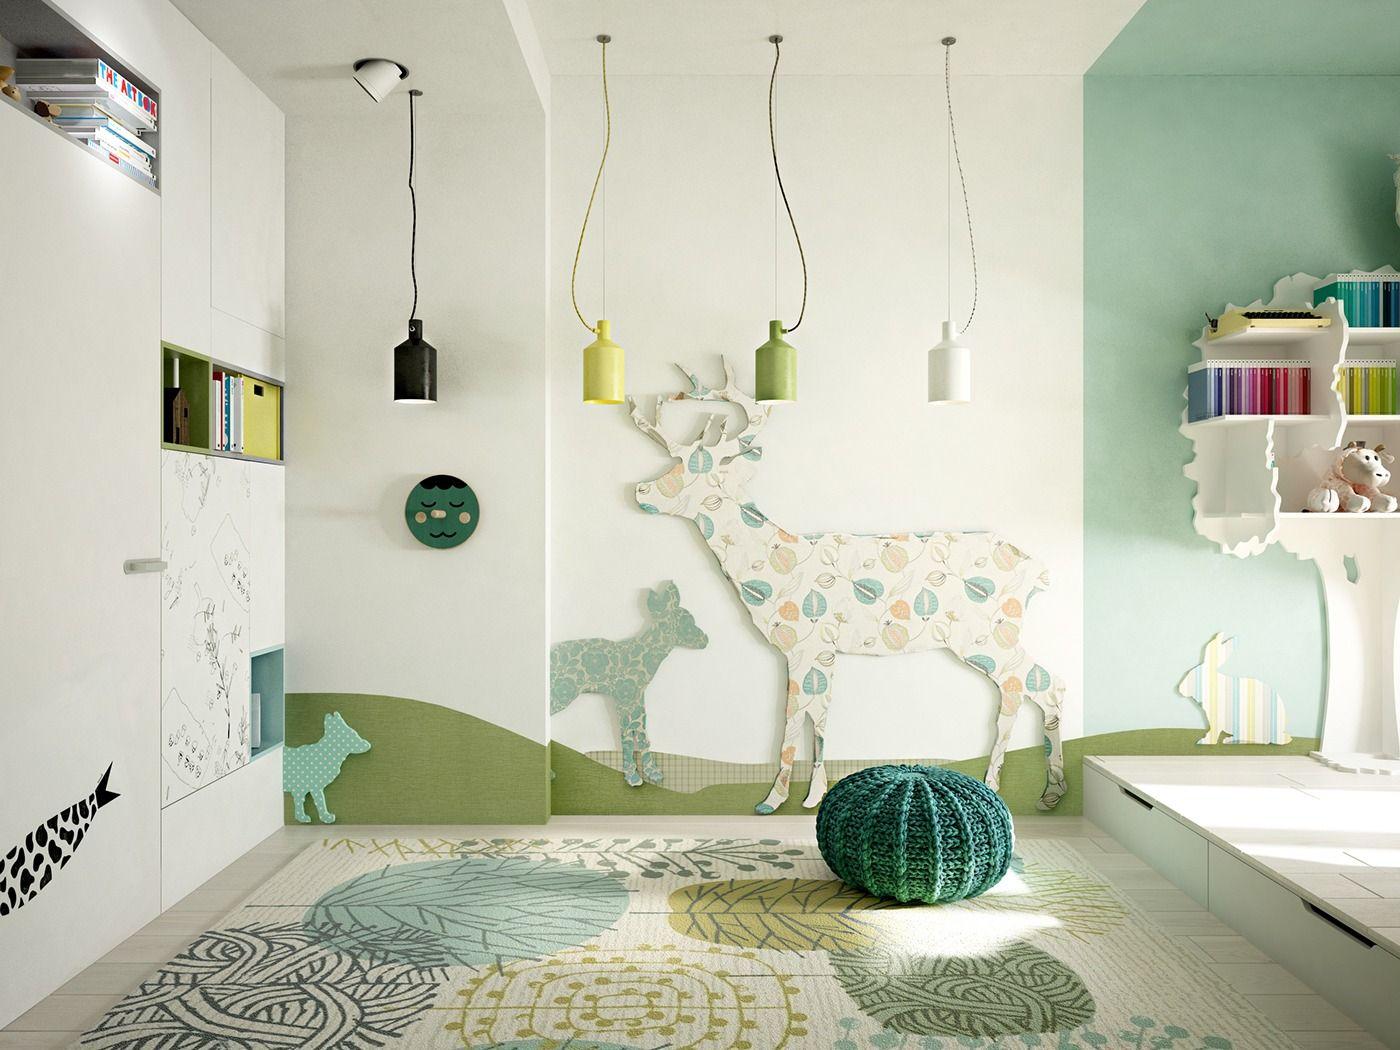 Kinderkamer Ideeen Dieren : Leuke dieren op de muren kinderkamer groen sofie